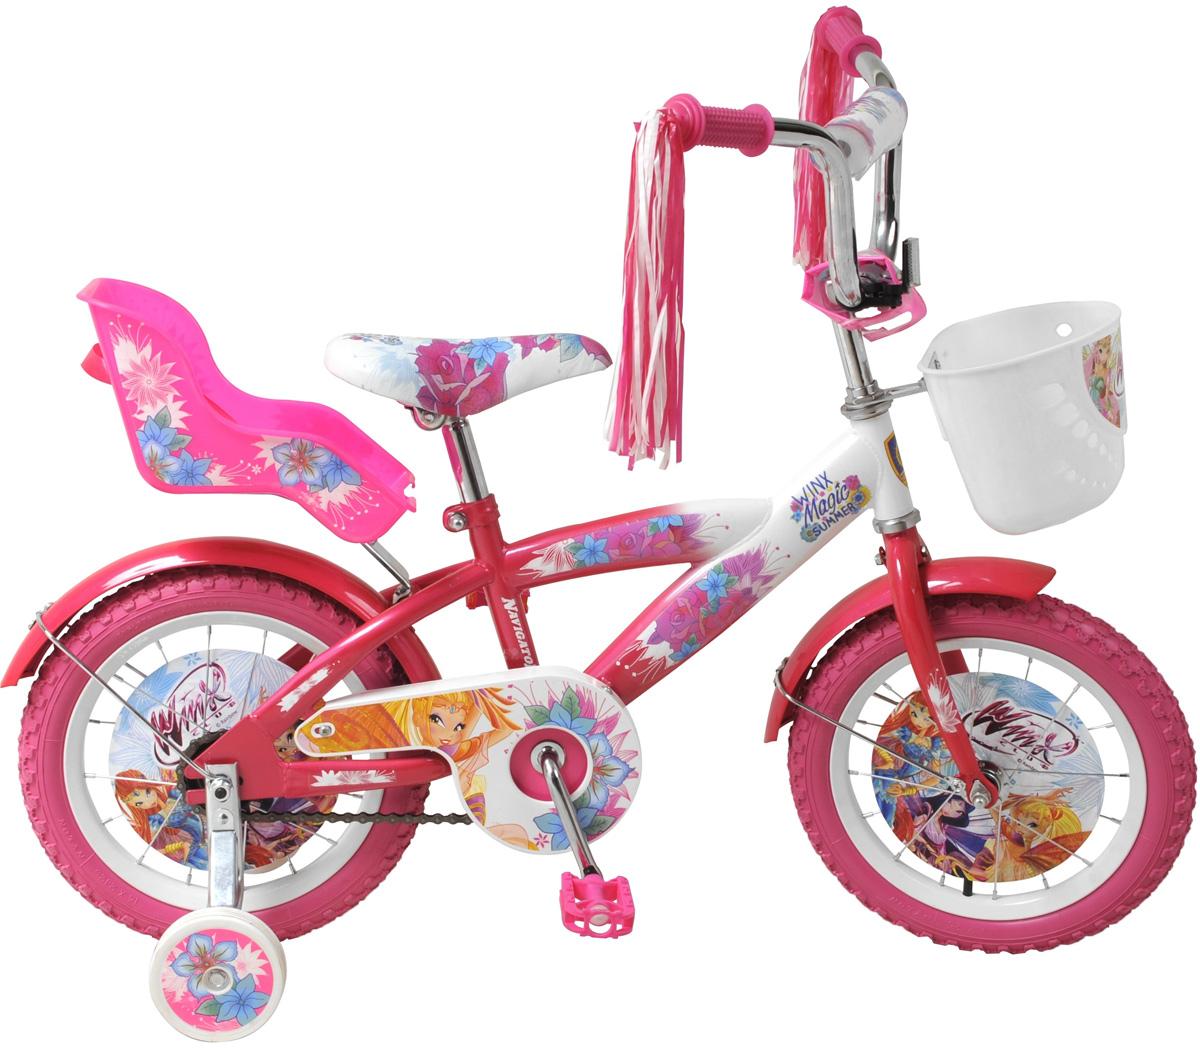 Navigator Велосипед детский двухколесный Winx PinkВН12074КК_розовыйДетский двухколесный велосипед Navigator Winx Pink обязательно понравится вашему ребенку и, несомненно, станет верным спутникам во всех его путешествиях.Для удобства эксплуатации велосипед имеет мягкую накладку на руль, а также удобную переднюю корзинку для мелочей и задний багажник.Для безопасной езды, велосипед оснащен двумя страховочными колесами. Предусмотрены и светоотражательные элементы. Ноги и одежда защищены от контакта с цепью специальной накладкой. Педали с рифленой поверхностью предотвращают скольжение ног.Ограничитель поворота руля предусмотрен для предотвращения падений ребенка из-за резкого поворота руля. Украшен велосипед изображениями героев популярного мультсериала Winx.При производстве велосипеда применяются новые технологии и жесткий контроль проверки качества комплектующих, сборки узлов и регулировки трансмиссии, что обеспечивает качество продукции на высоком уровне.Navigator Winx - это отличный способ дать вашему ребенку возможность чаще бывать на свежем воздухе, много двигаясь с пользой для здоровья.